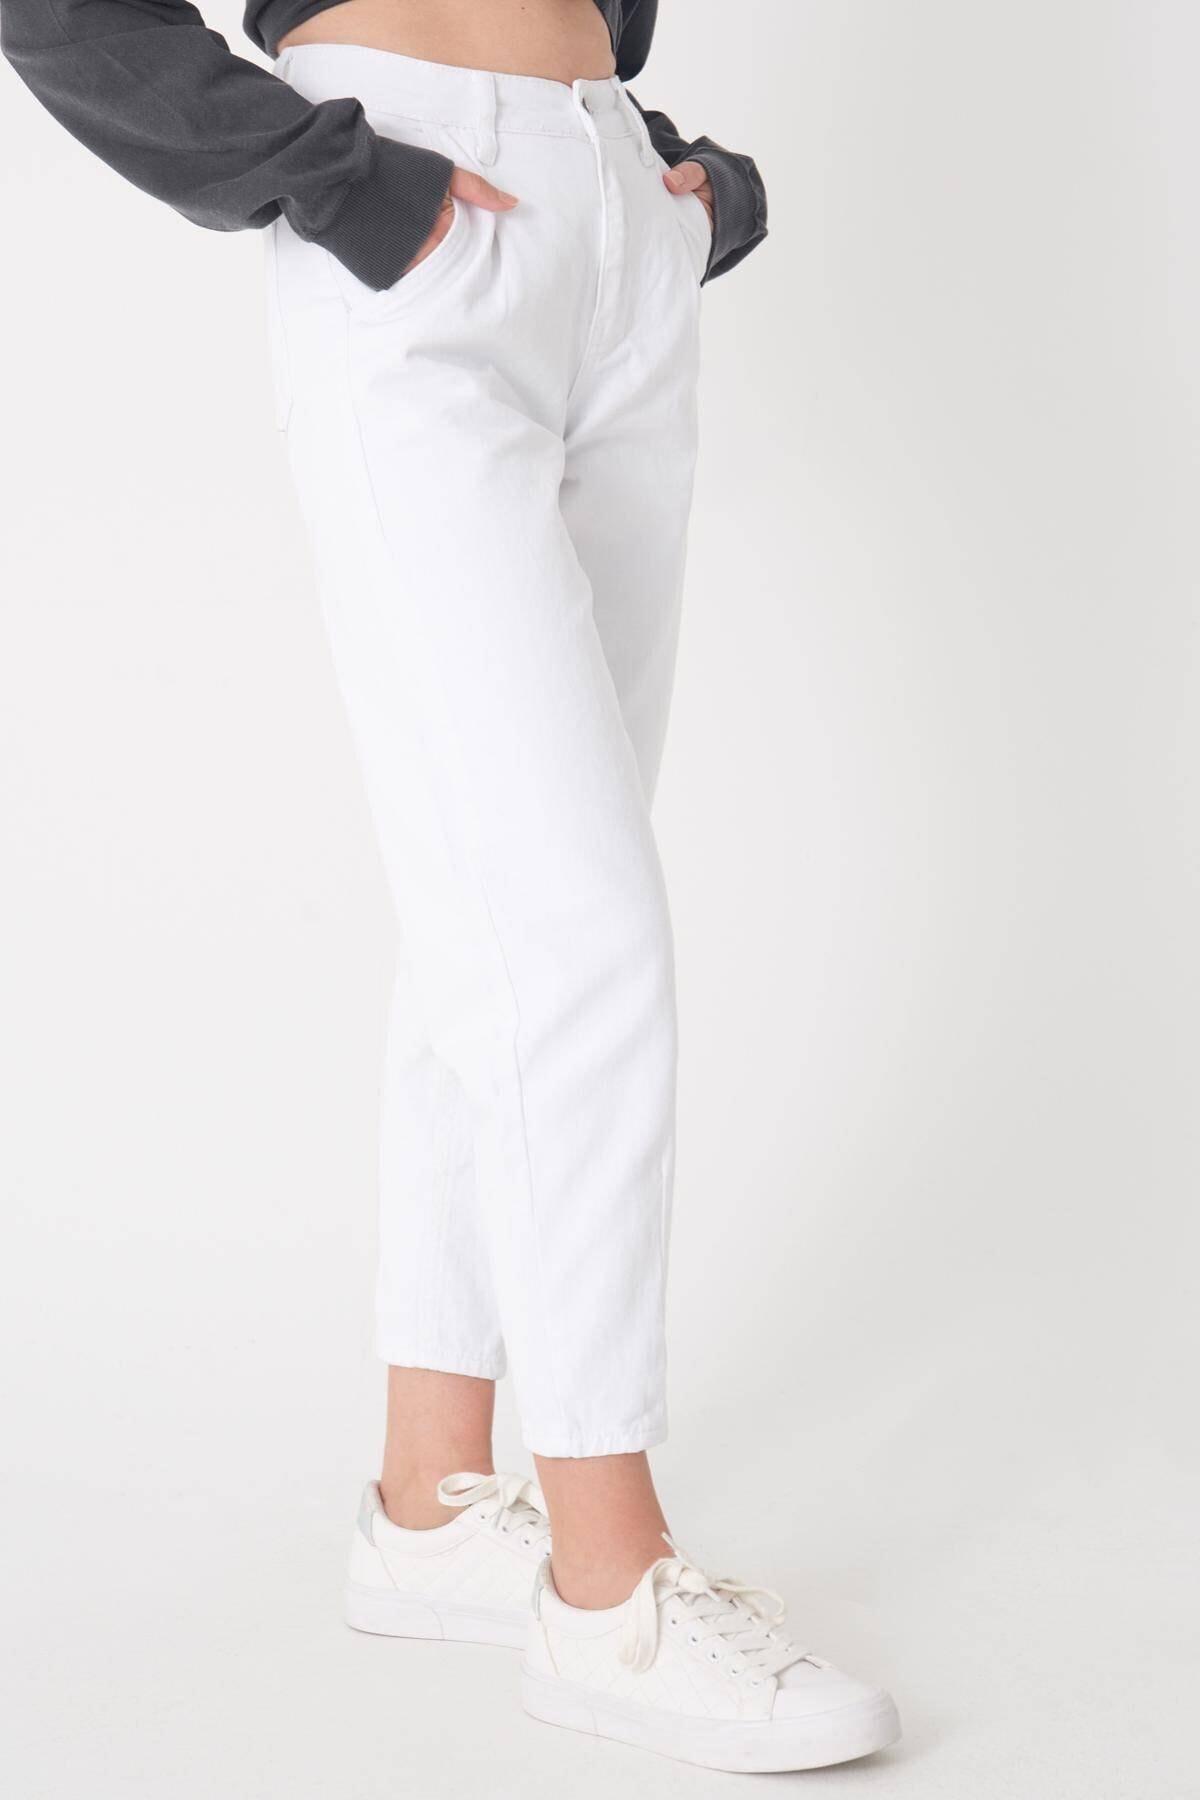 Addax Kadın Beyaz Cep Detaylı Pantolon Pn6895 - Pnh Adx-0000023130 2